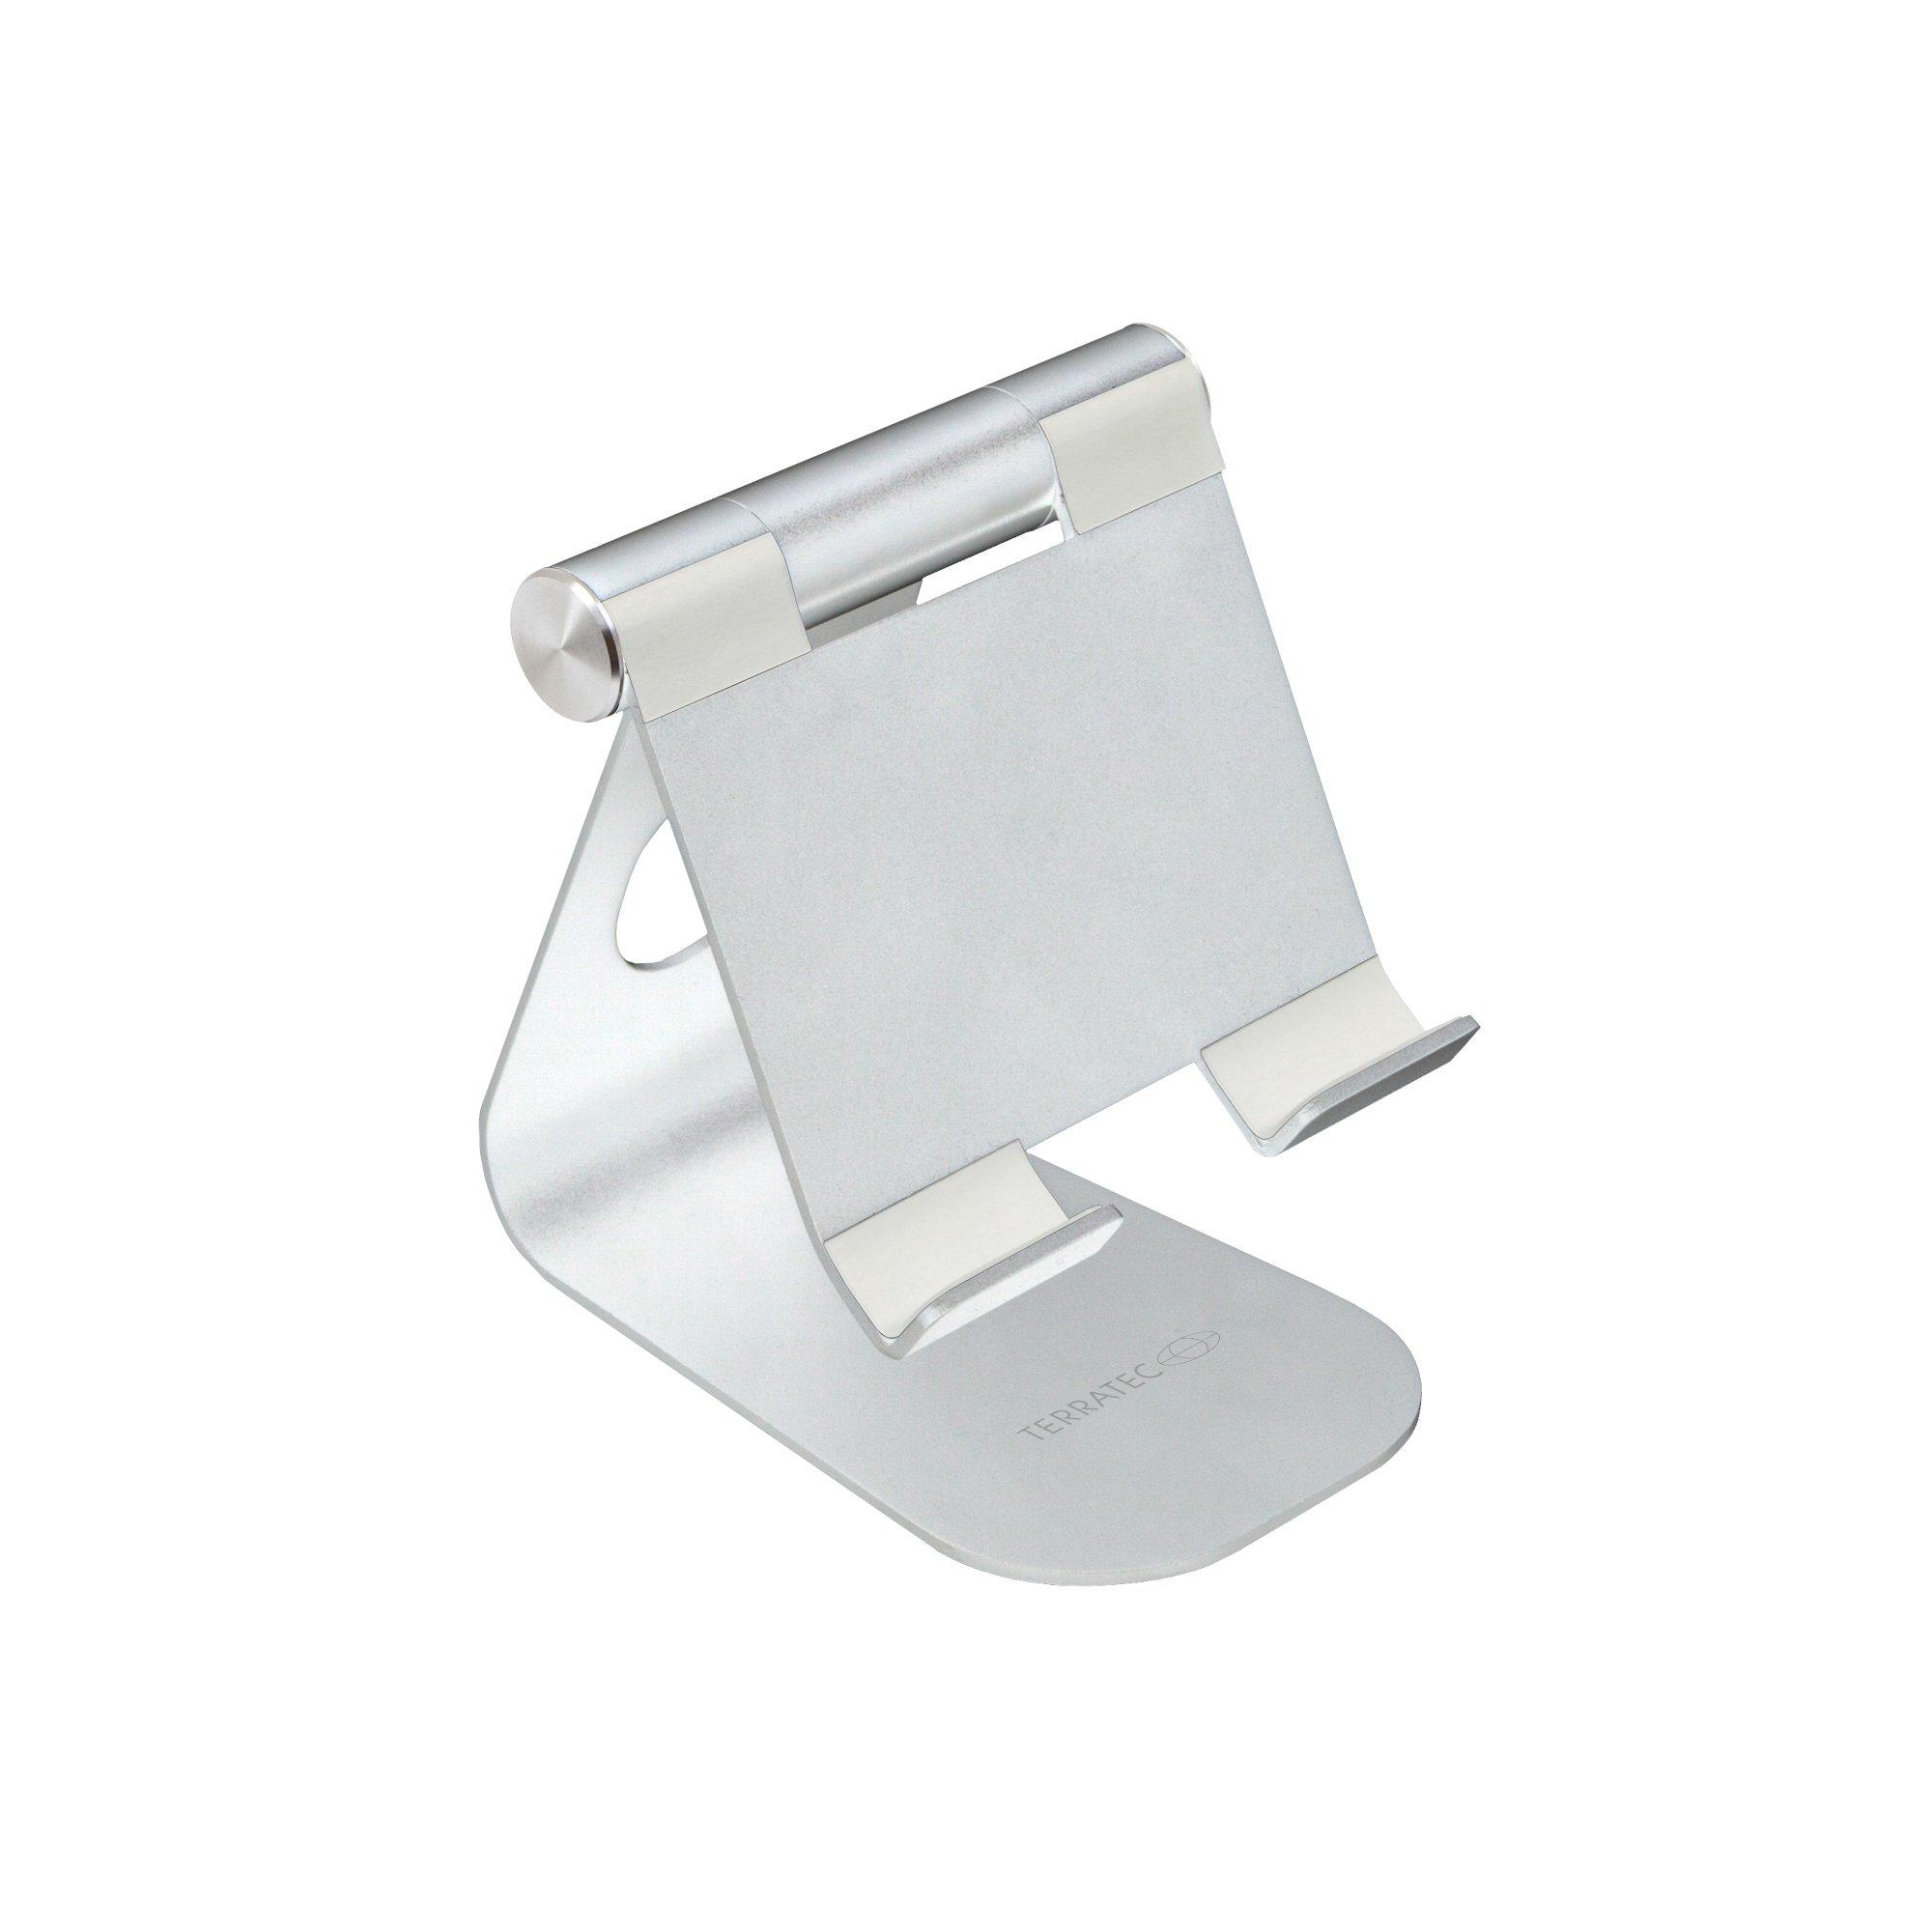 TERRATECアルミブラケット/スマートフォン/タブレット/アップルウォッチ219728 ITAB M用スタンド